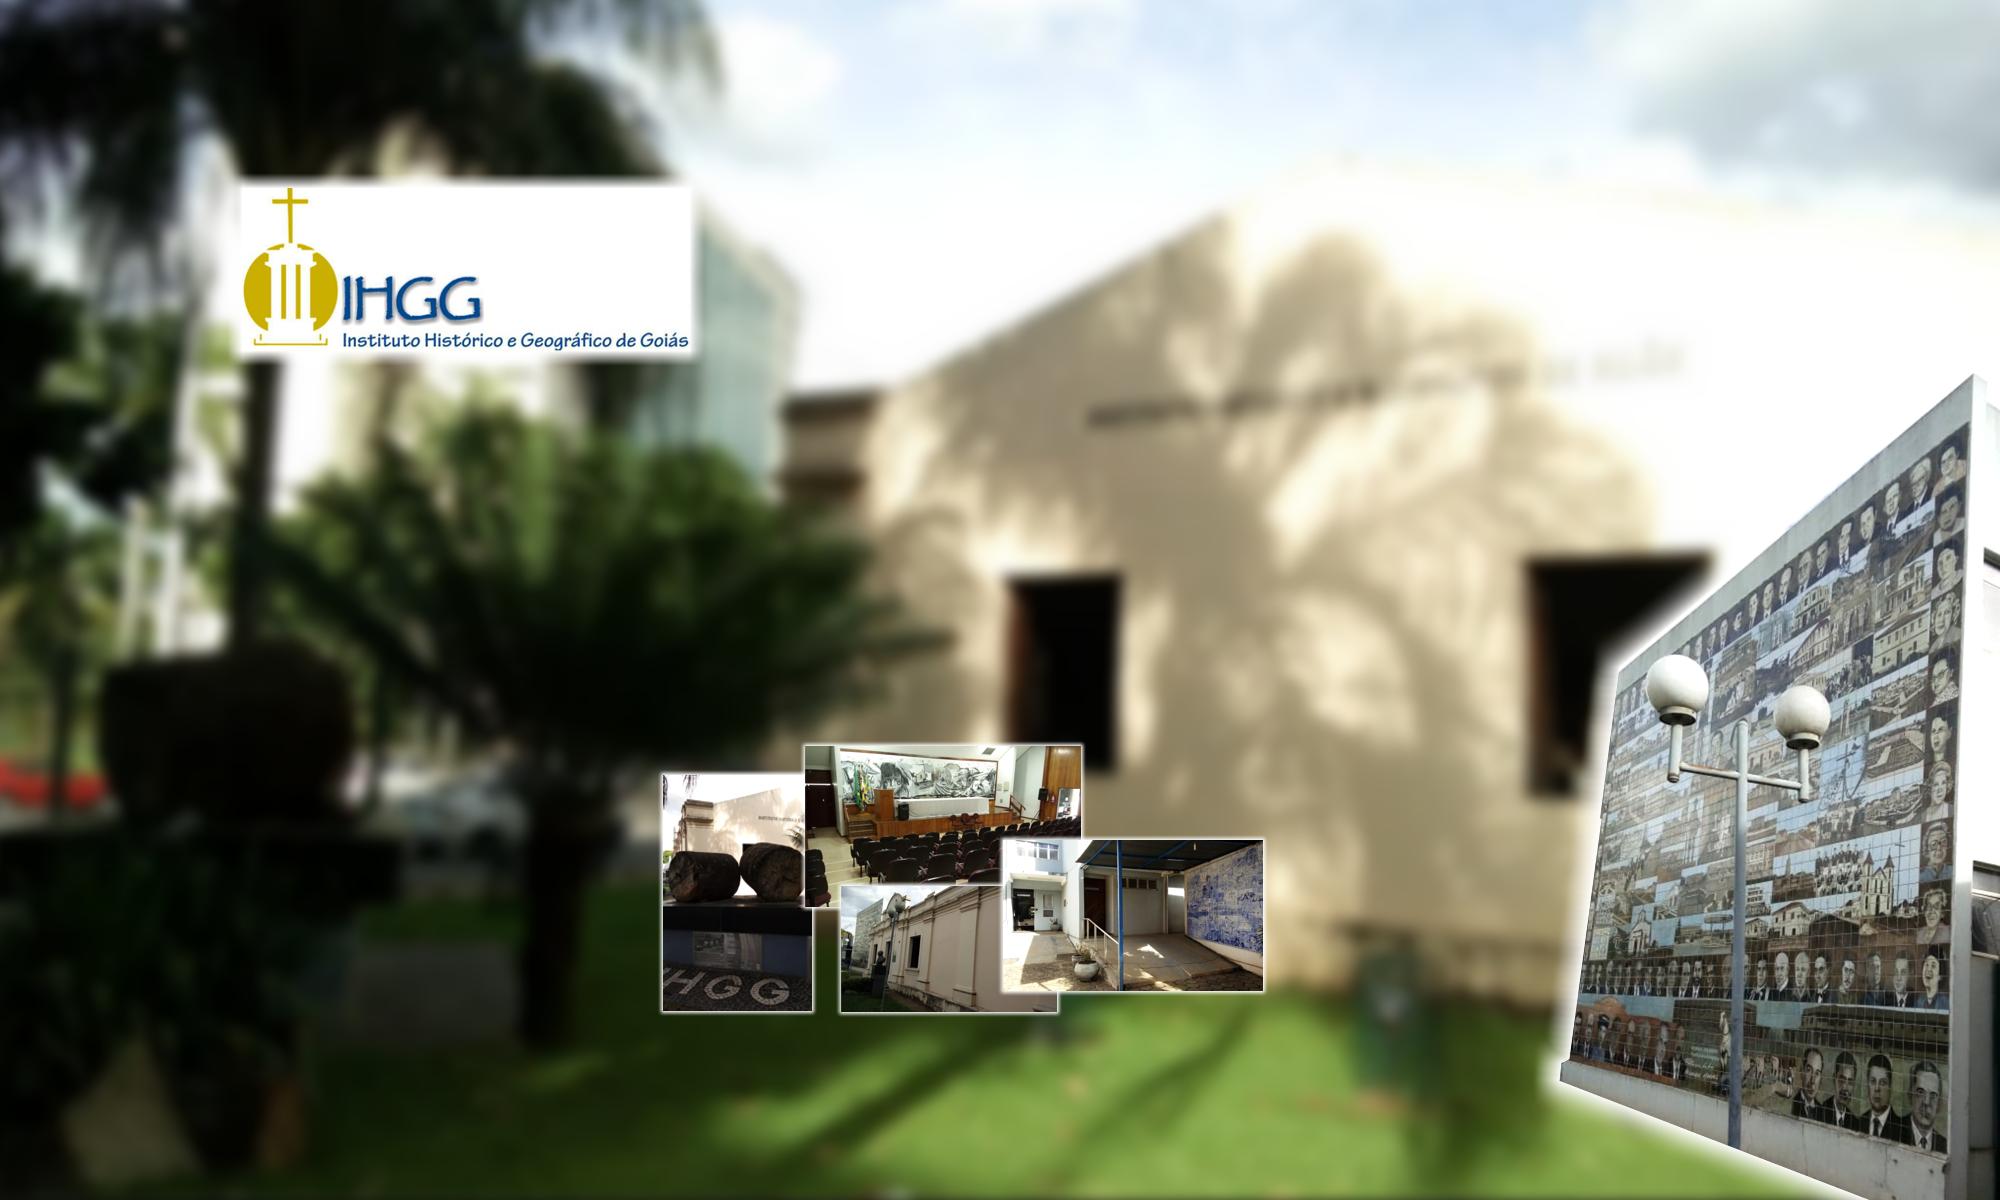 IHGG - Instituto Histórico e Geográfico de Goiás